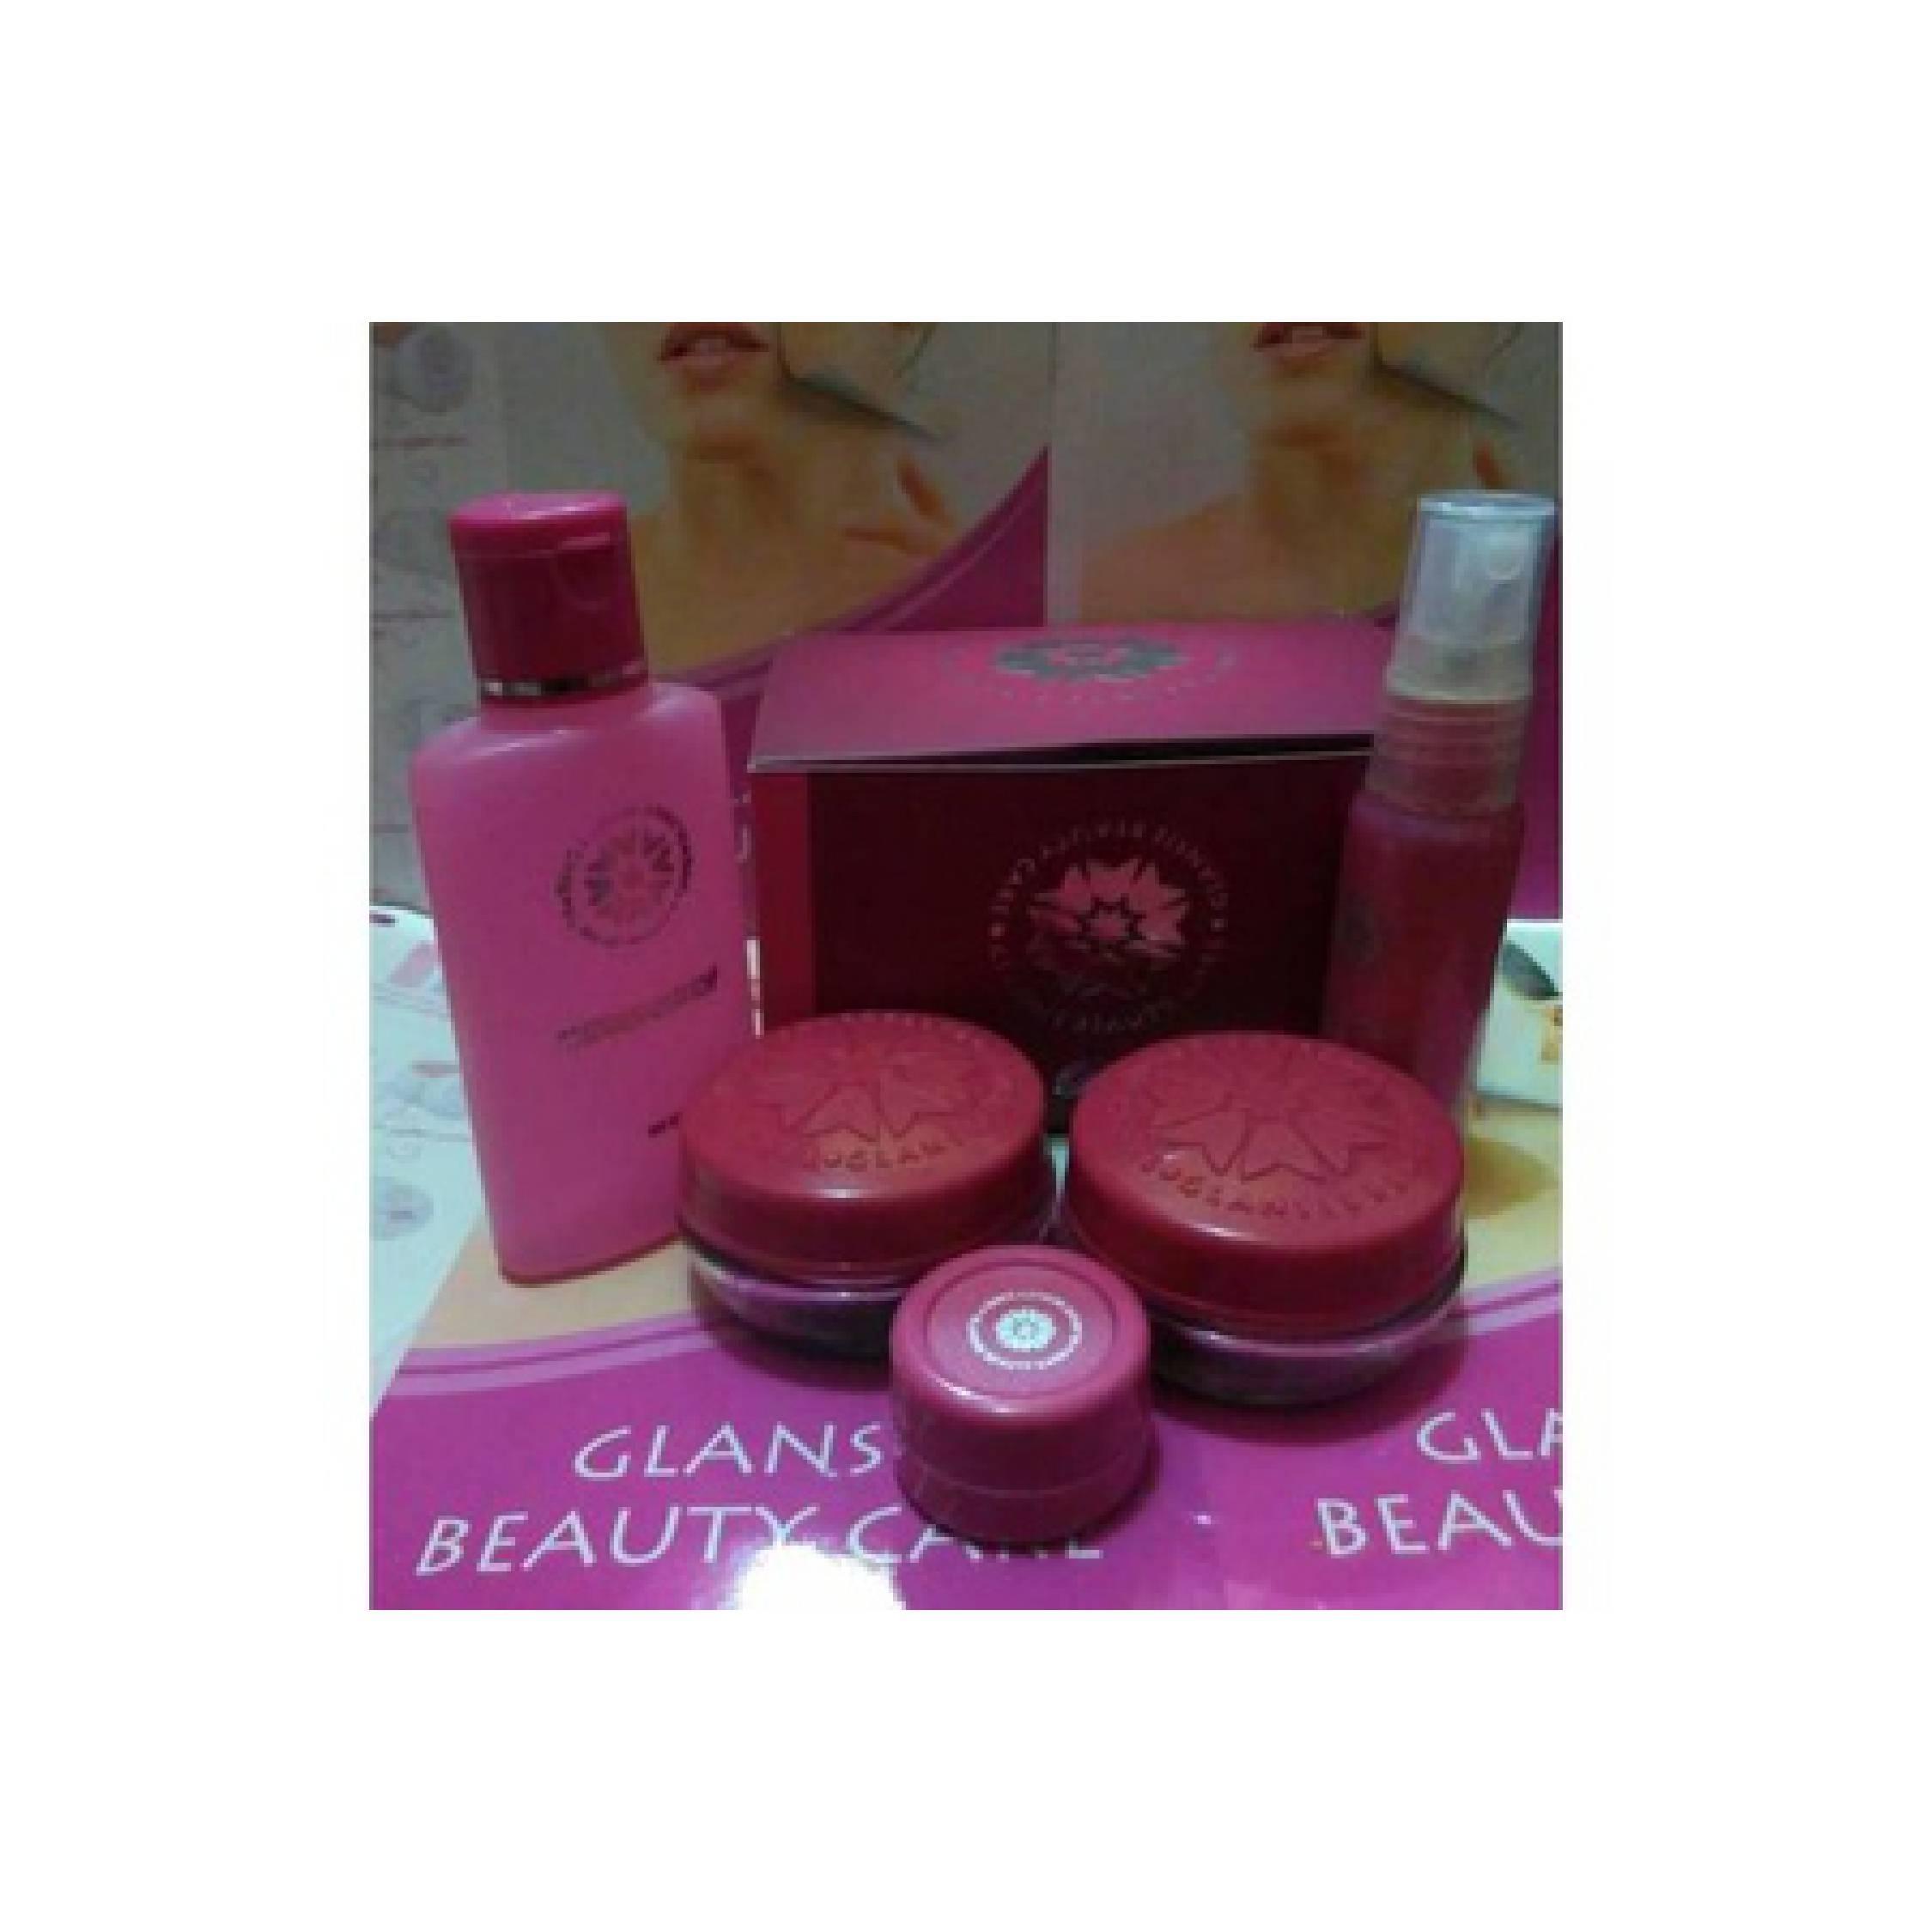 Harga Diskon Kosmetik Glansie Termurah Minggu Ini Toko Mitra Jaya Normal Paket Cream Beauty Care Drfajar Original Sabun Cair